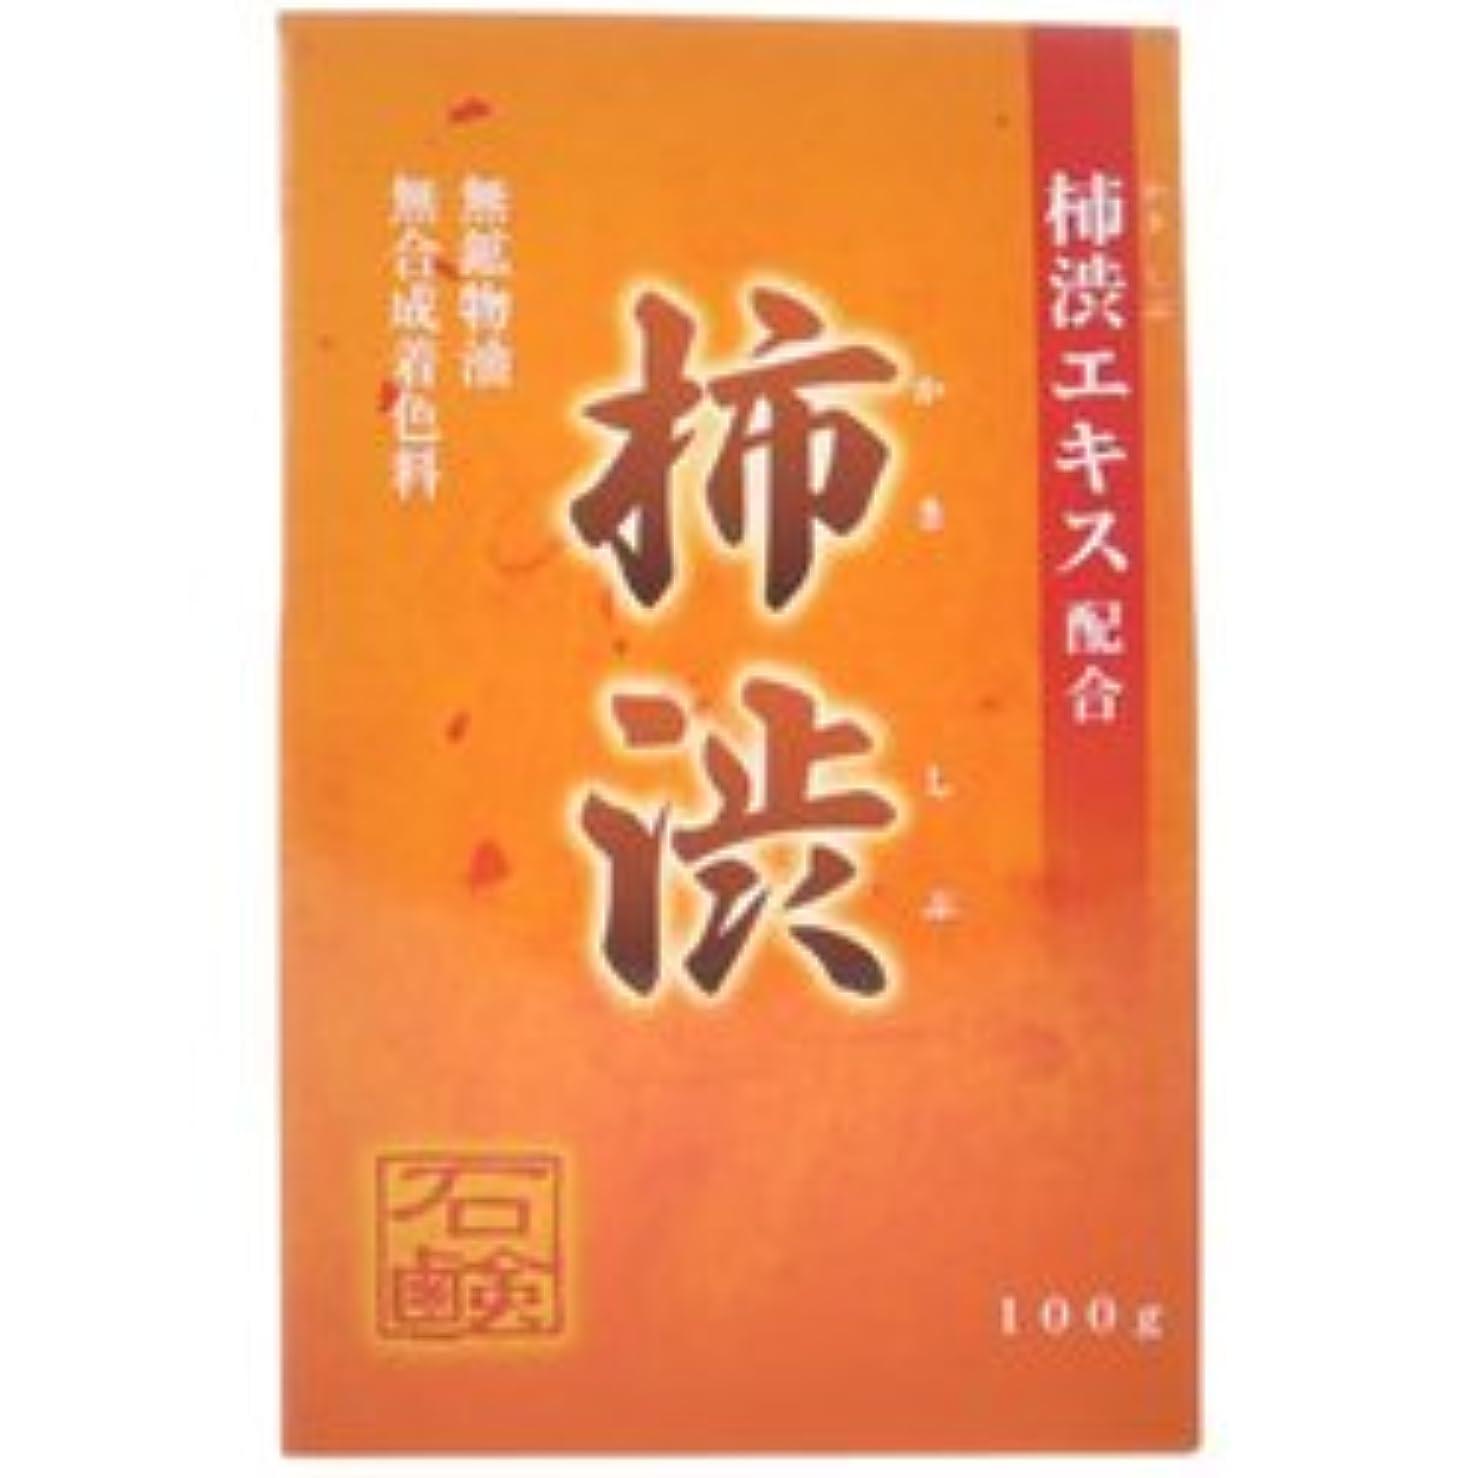 ホーン太い葉を拾う【アール?エイチ?ビープロダクト】新 柿渋石鹸 100g ×5個セット